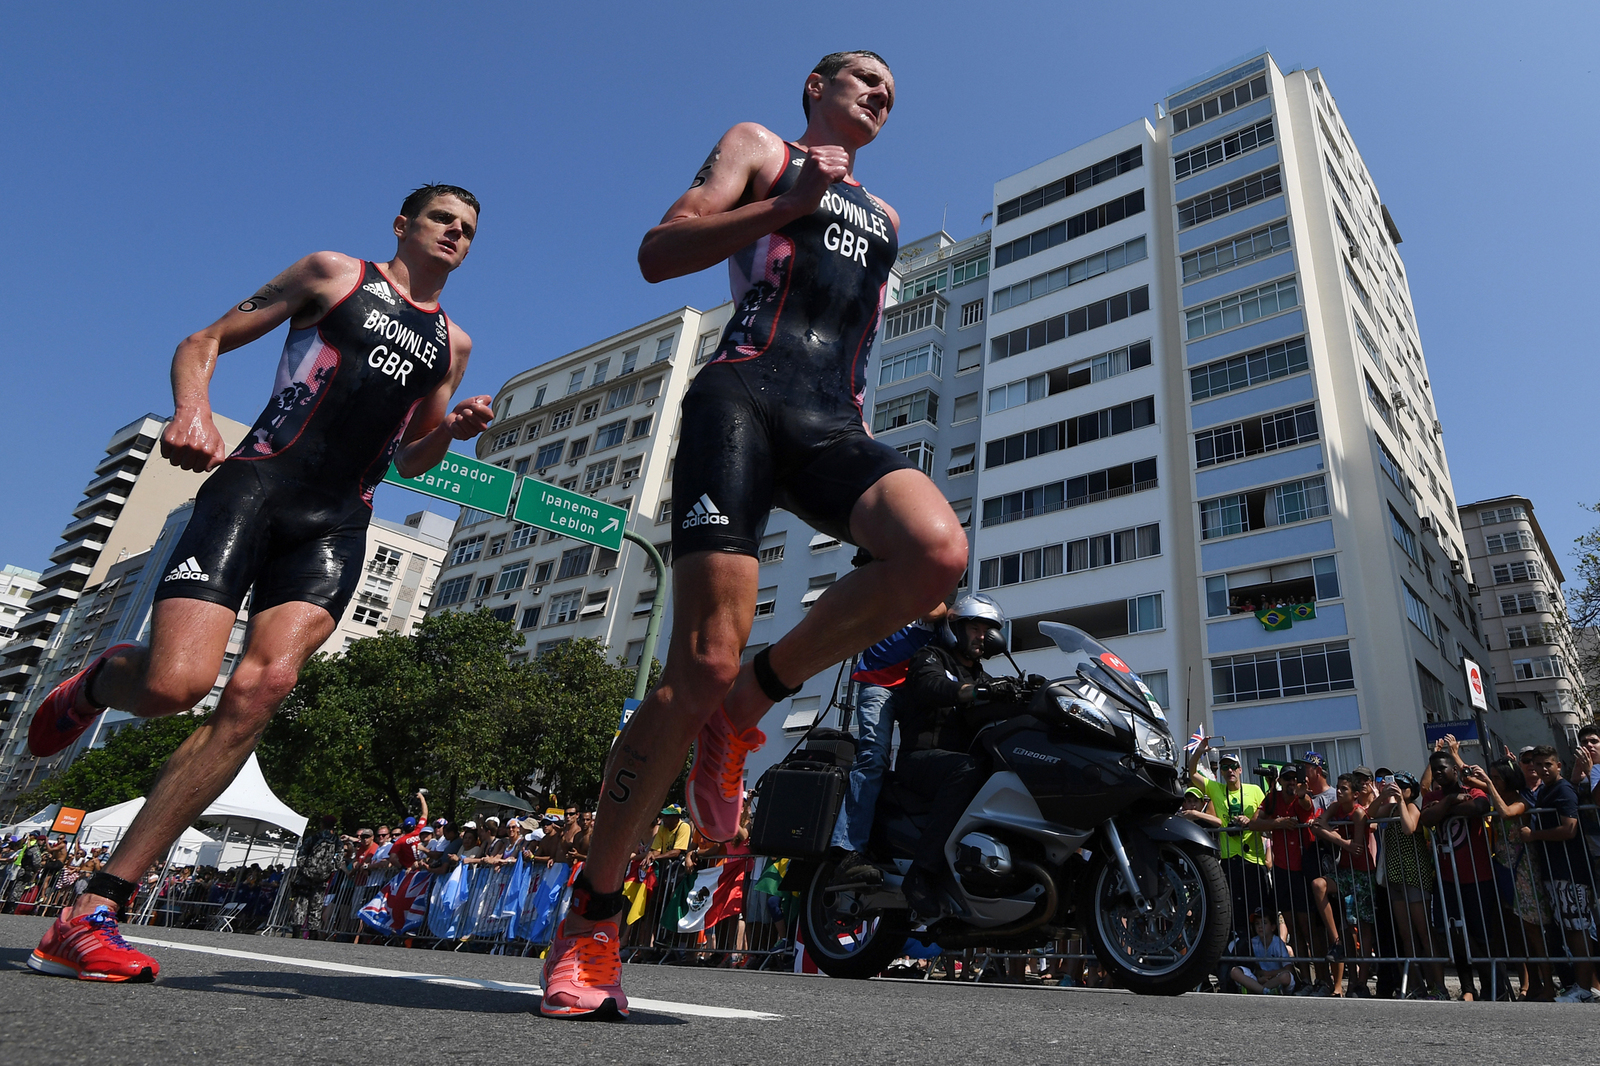 Британские триатлонисты братья Алистер заняли первое и второе место в беге